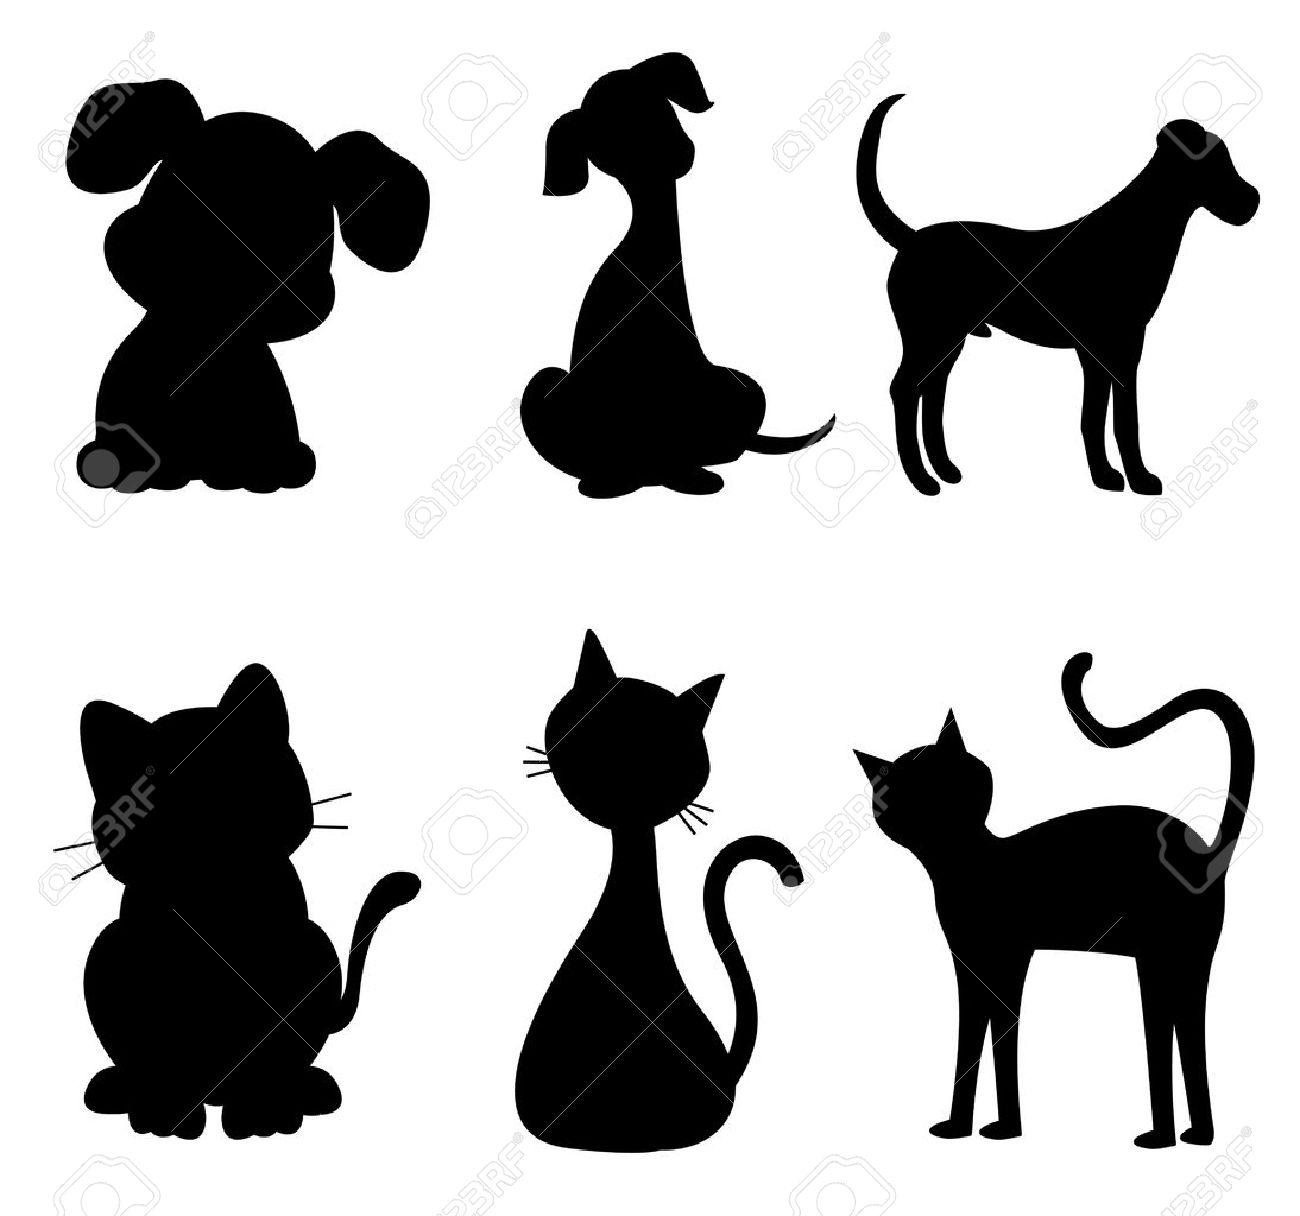 Gatos y perros silueta negro especialmente para mascotas logotipos clínica Foto de archivo - 38550562